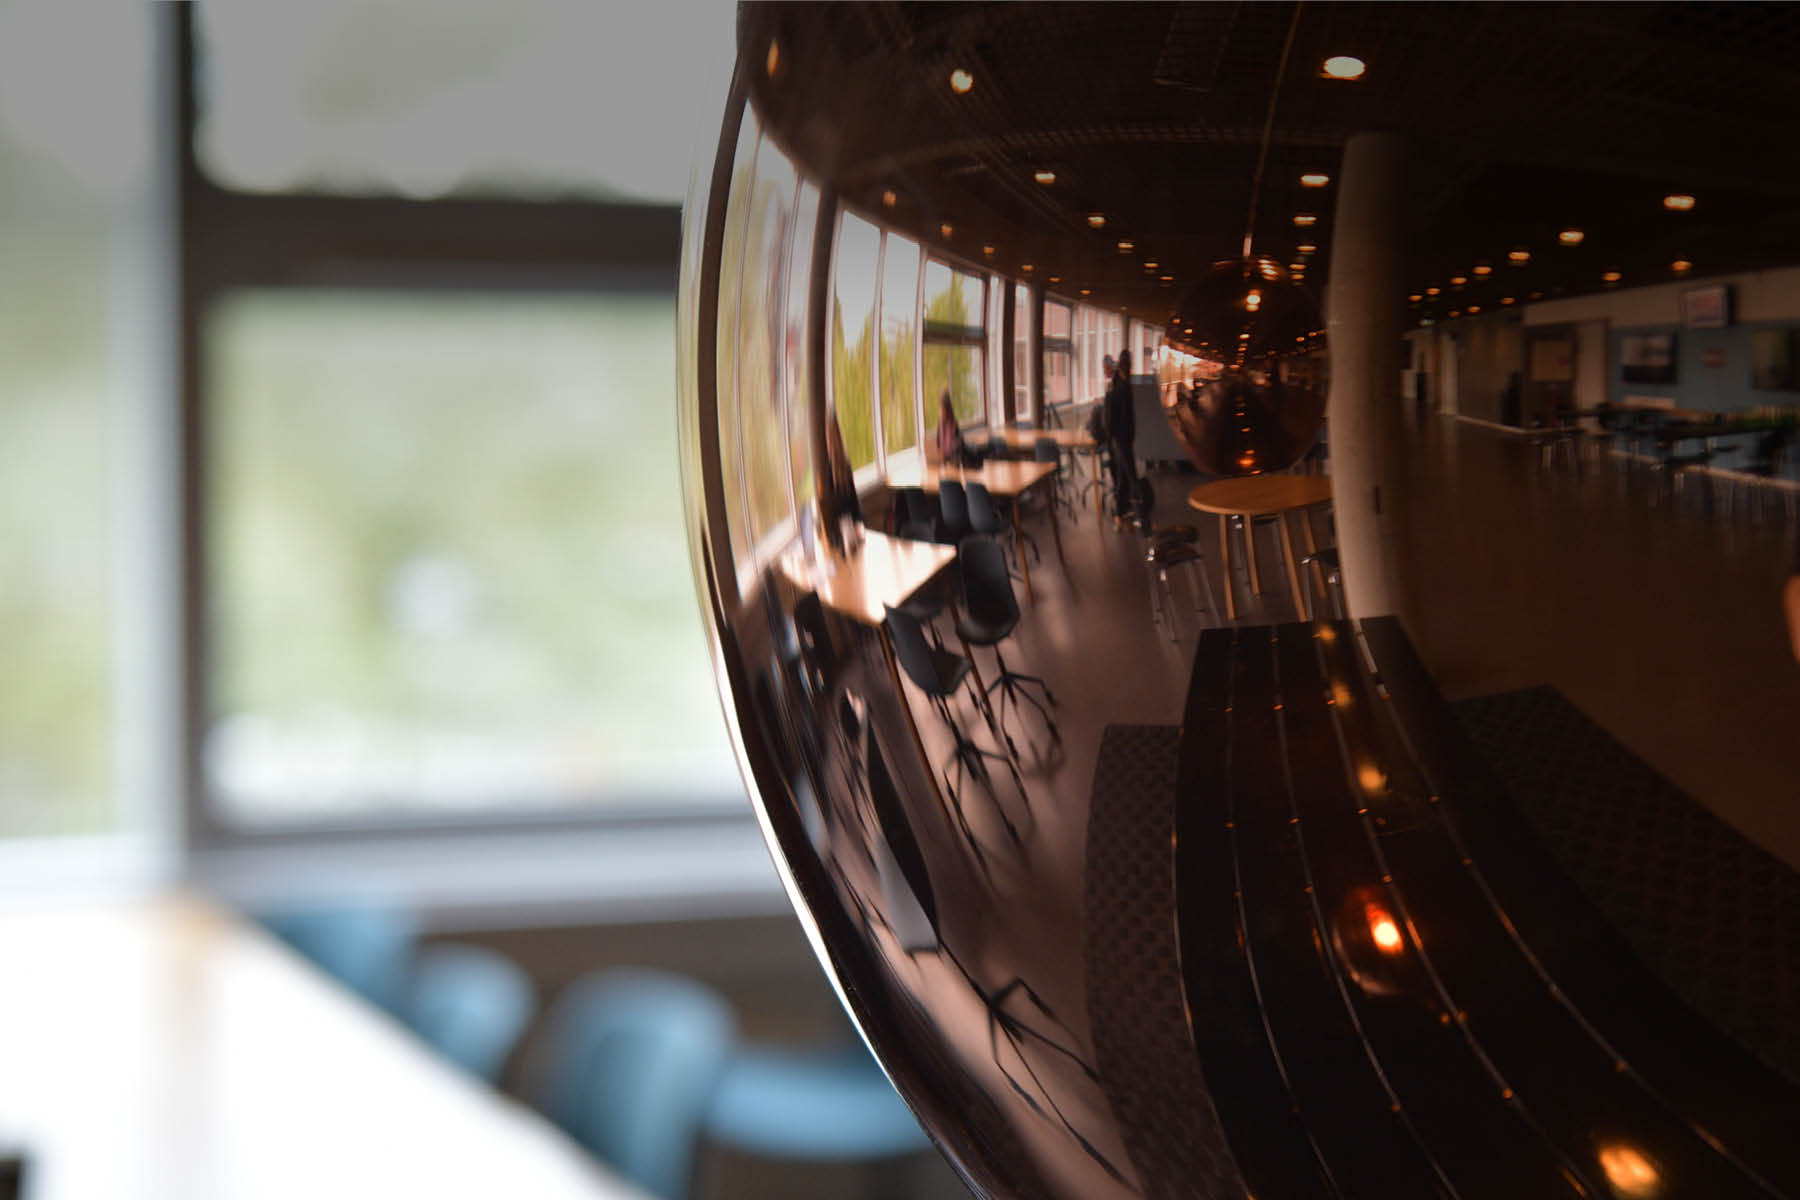 Der er fokus på en messinglampe på Campus Sigurdsgade - i lampens skær kan man se flere studerende arbejde i baggrunden